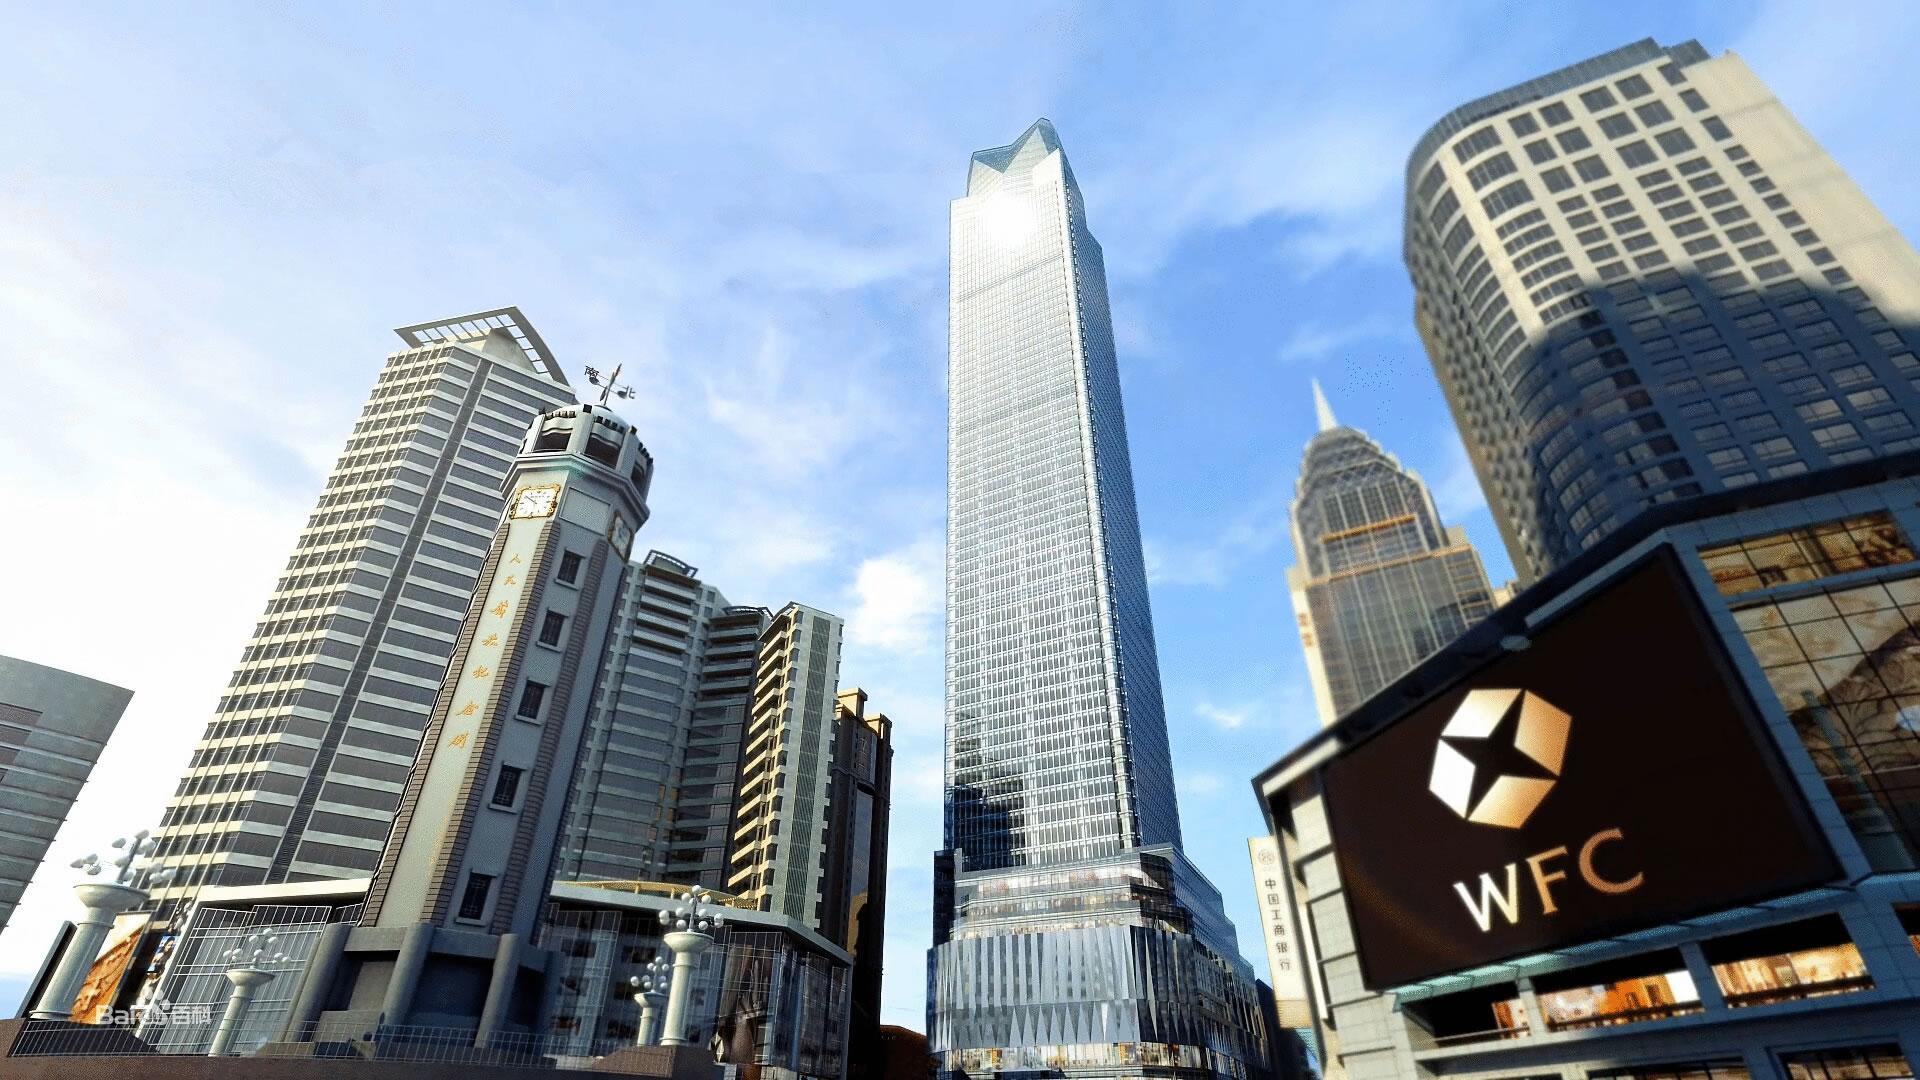 重庆新地标WFC环球金融中心VS台北101大厦